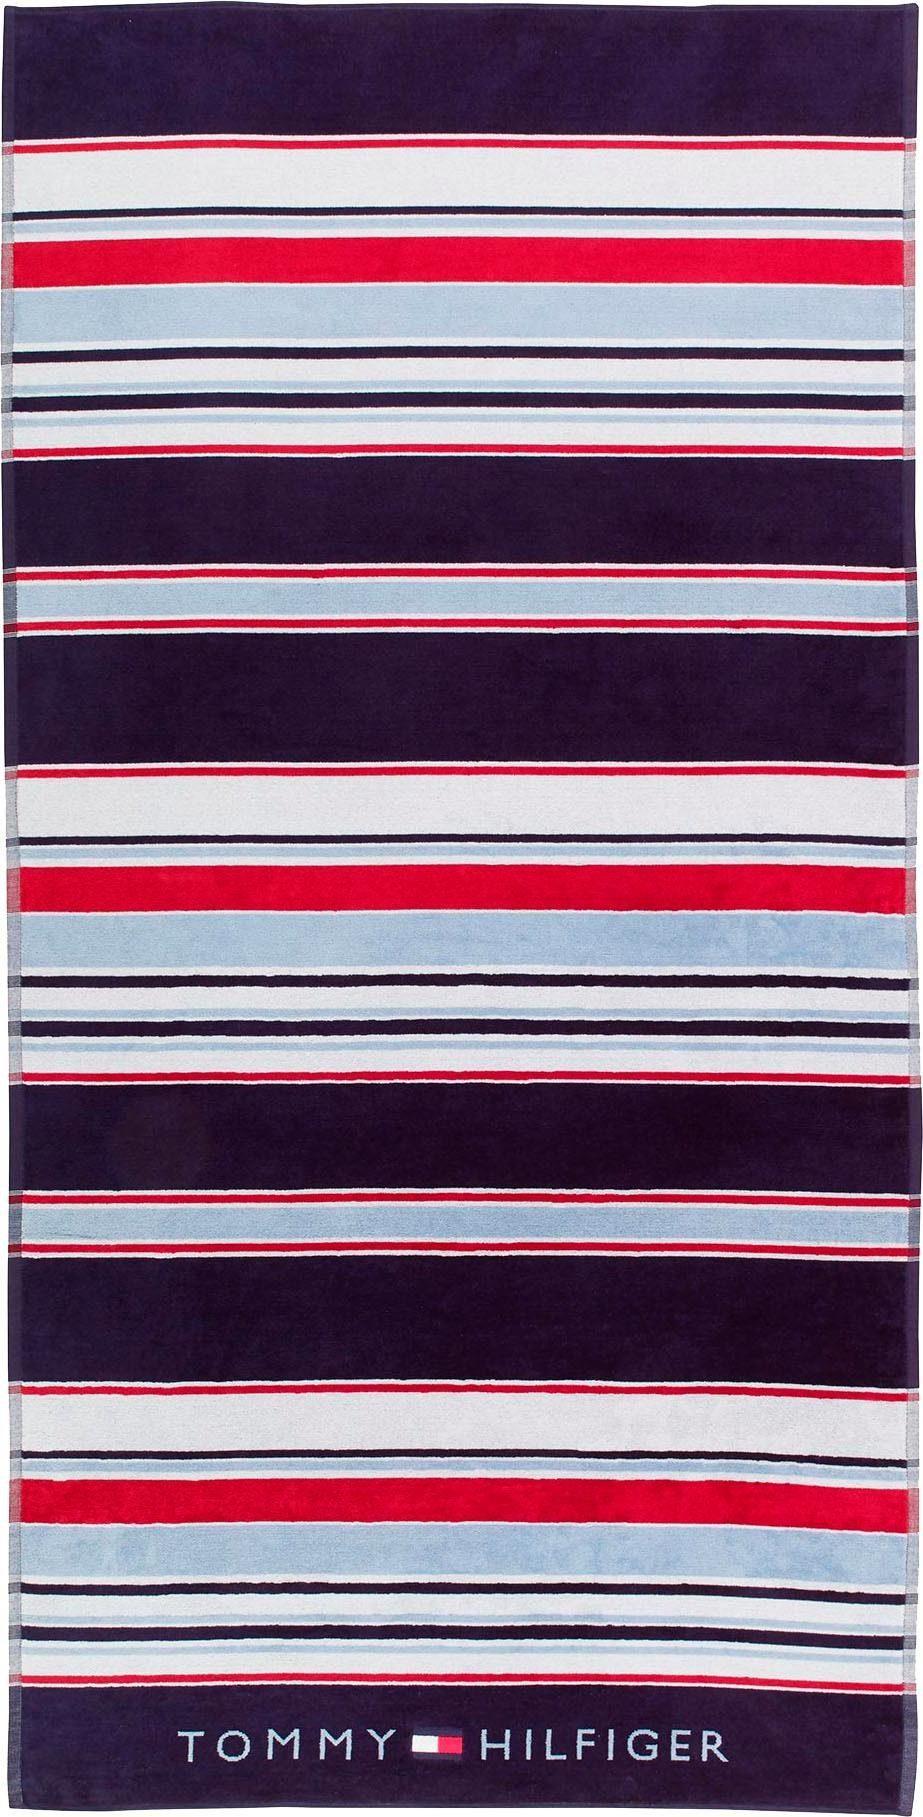 Strandtuch »Iconic Streifen«, TOMMY HILFIGER, in maritimen Farben online kaufen | OTTO